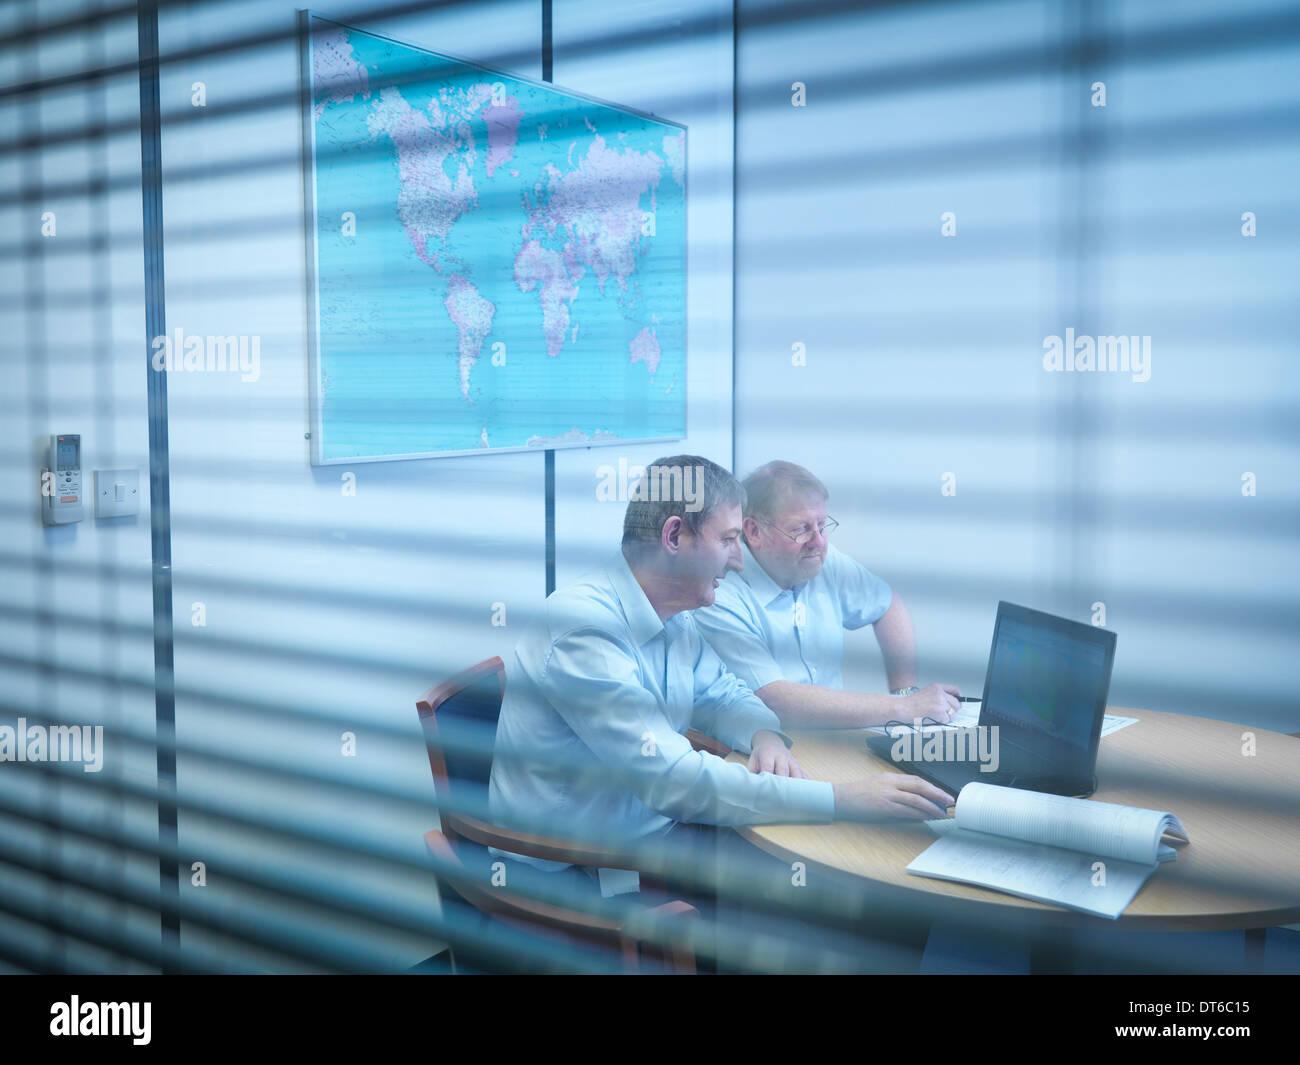 Engineers using laptop in meeting room - Stock Image